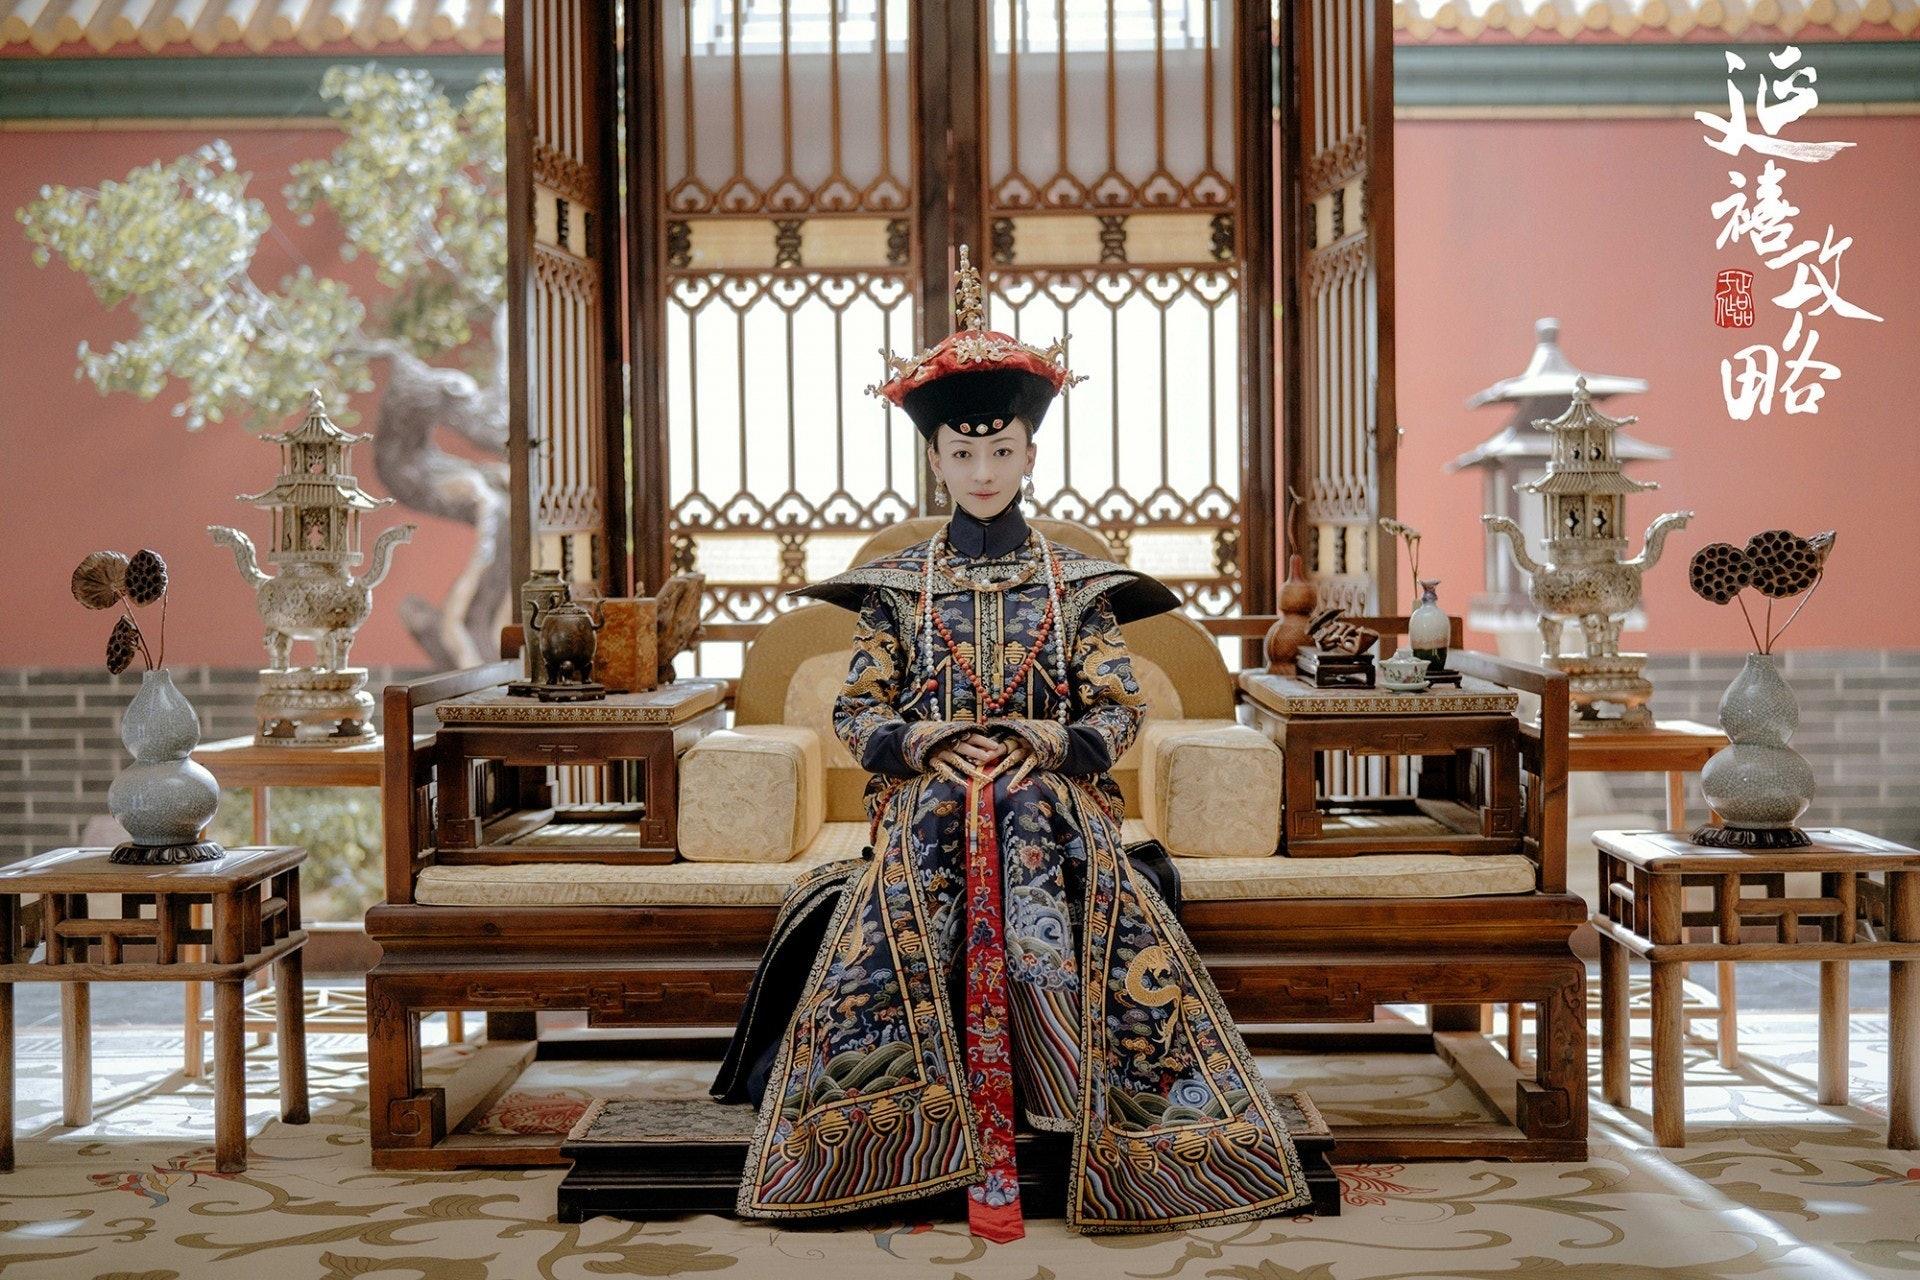 時下宮廷劇如《延禧攻略》,多敘述女主角如何贏到最後成為後宮之主。(資料圖片)